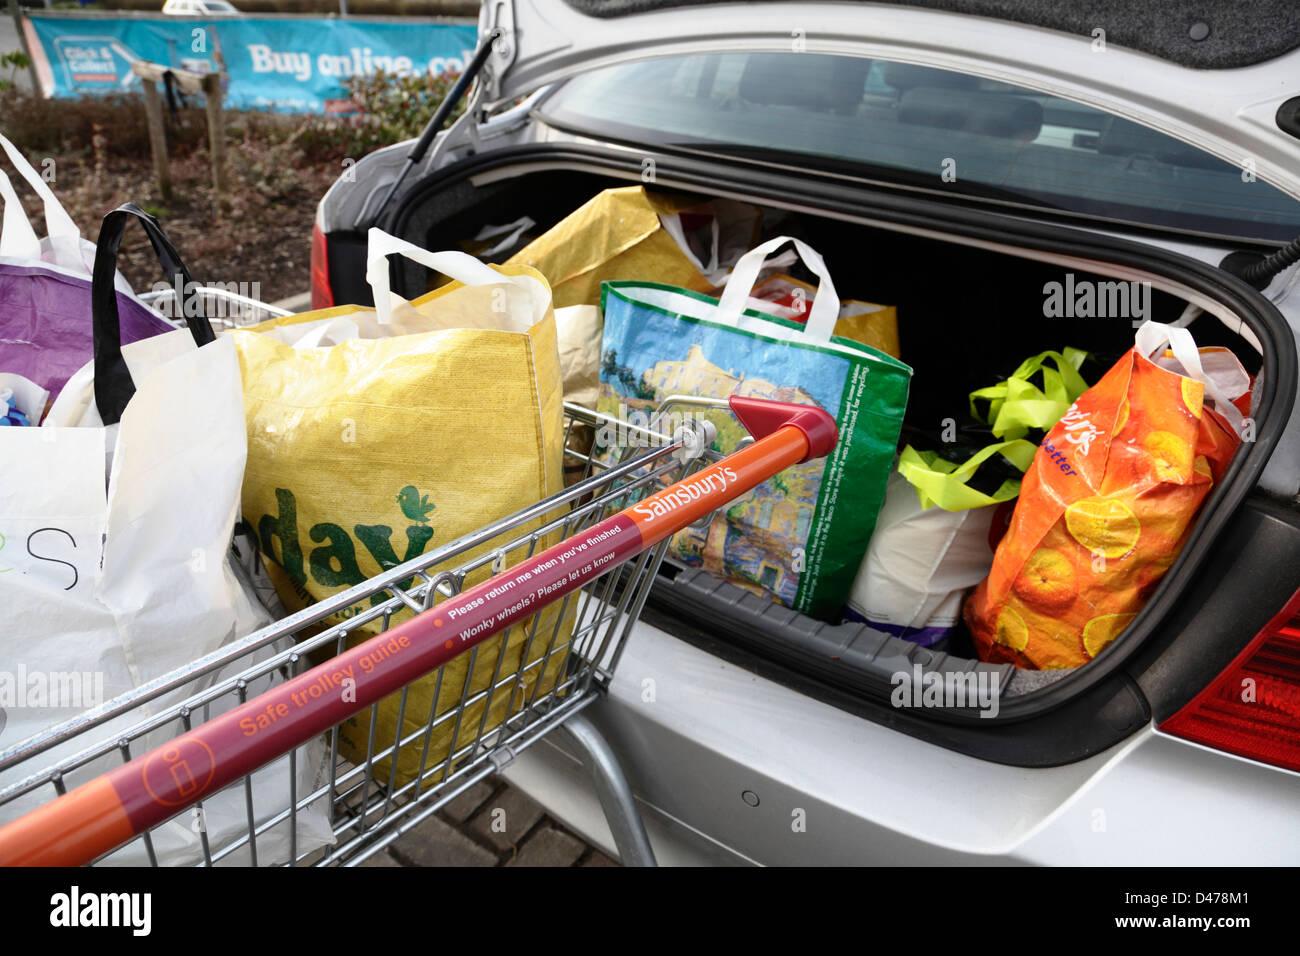 Bolsas de la compra en un carrito del supermercado Sainsbury's y el maletero del coche, Scotland, Reino Unido Imagen De Stock